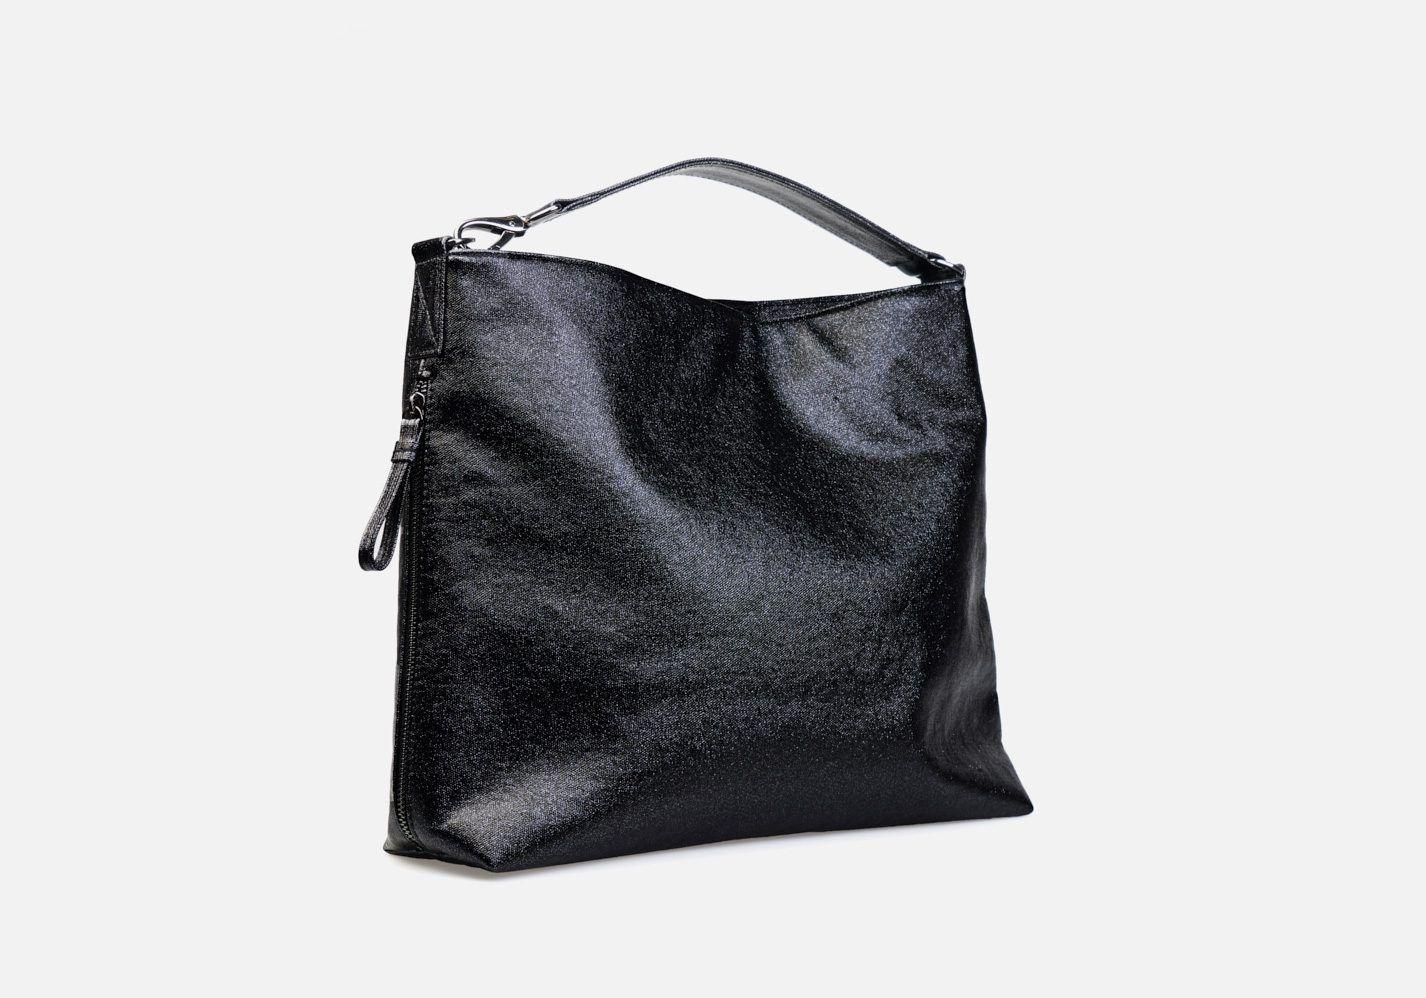 Bolso en tejido laminado con aspecto metalizado – Modelo Beethoven en color negro